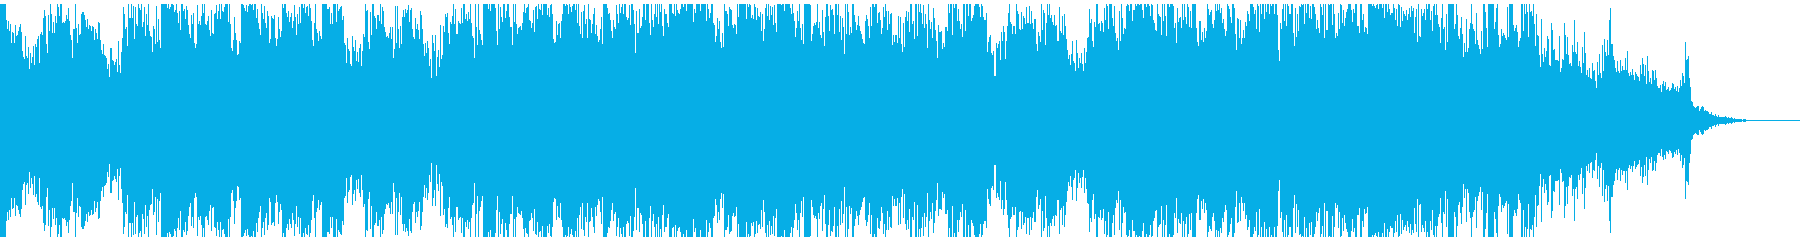 鮮やかなピアノアルペジオ&パーカッションの再生済みの波形